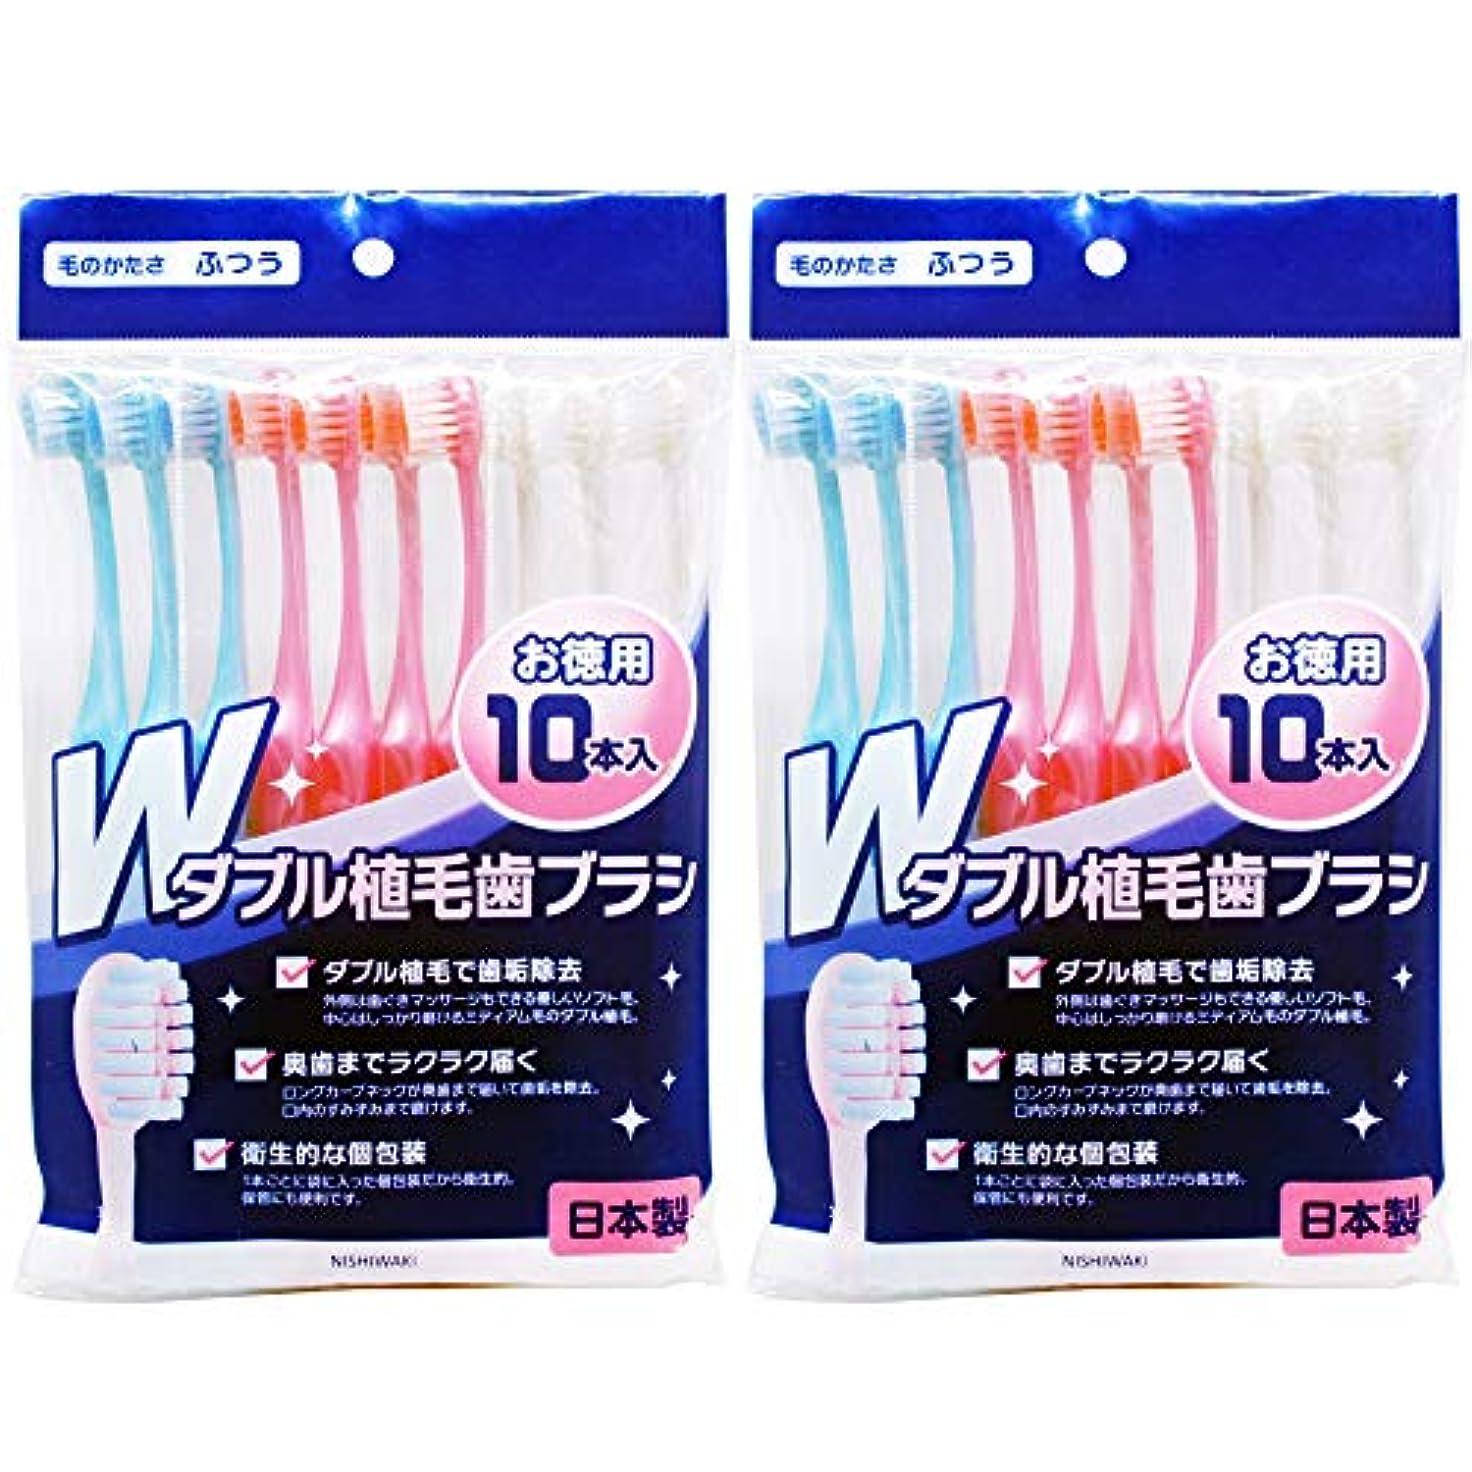 好ましいバリア行進歯ブラシ 日本製 20本セット「外側やわらか植毛歯ブラシ」